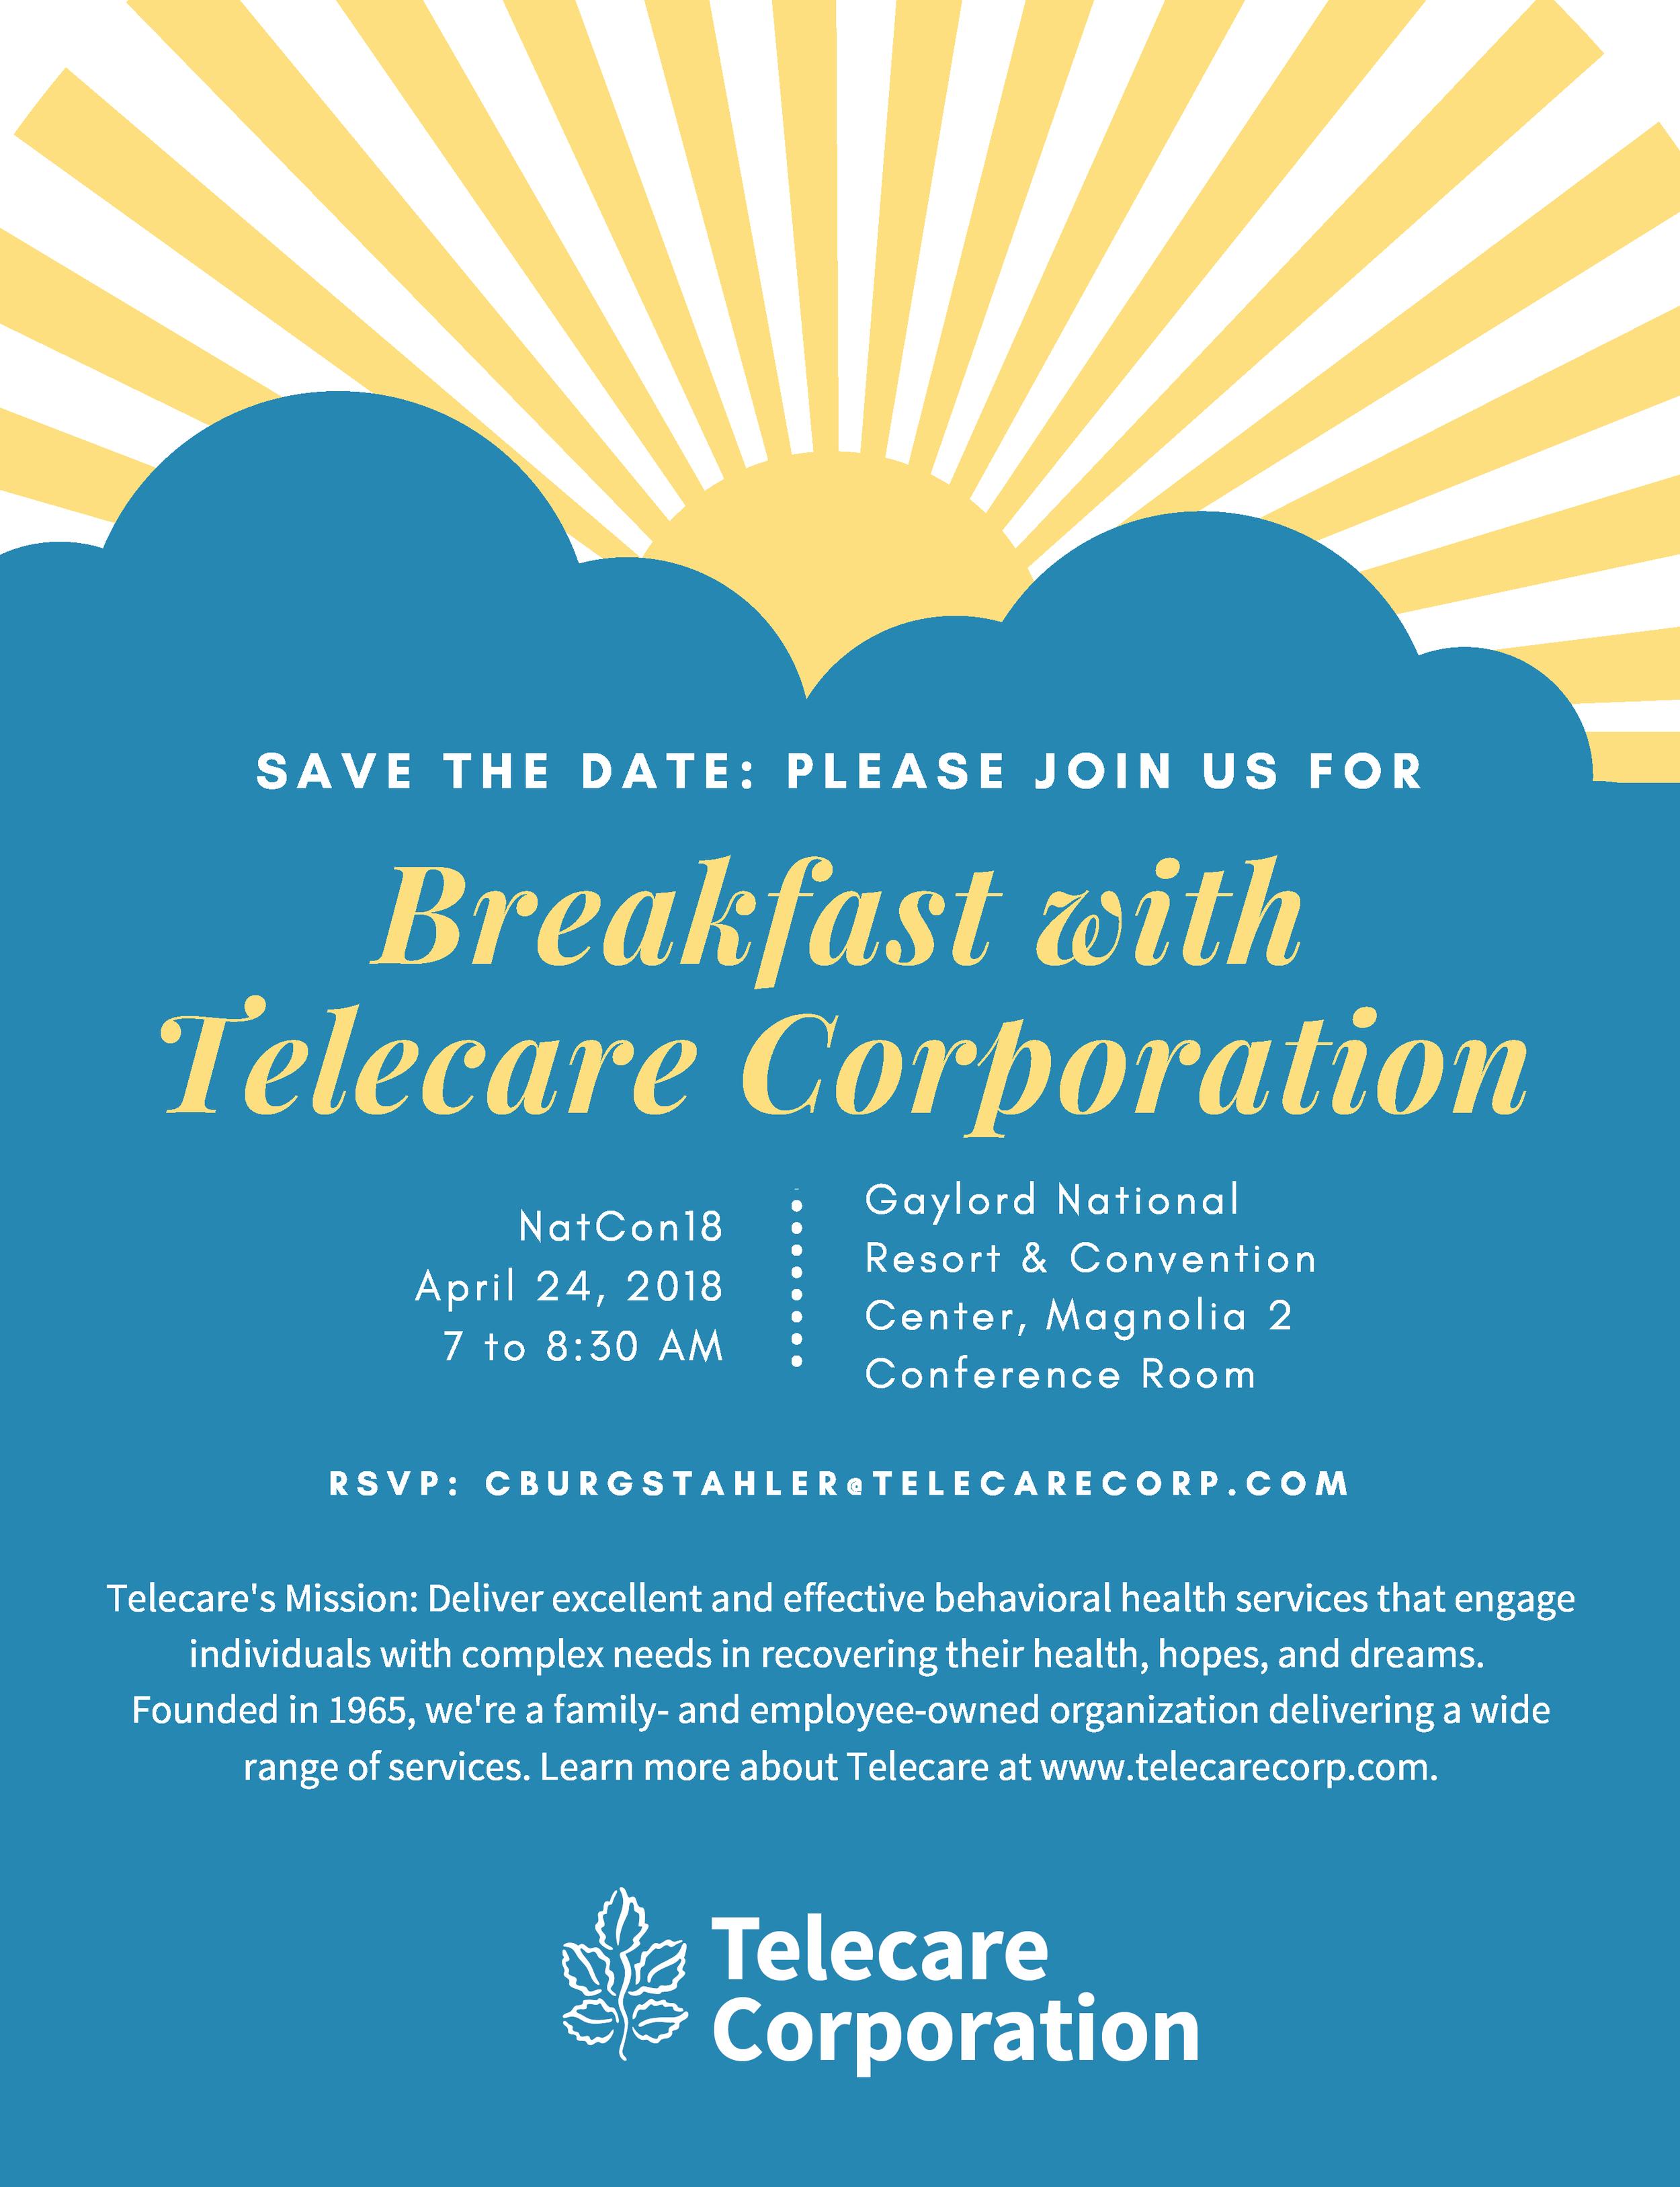 Telecare NatCon18 Breakfast Invitation FINAL.png